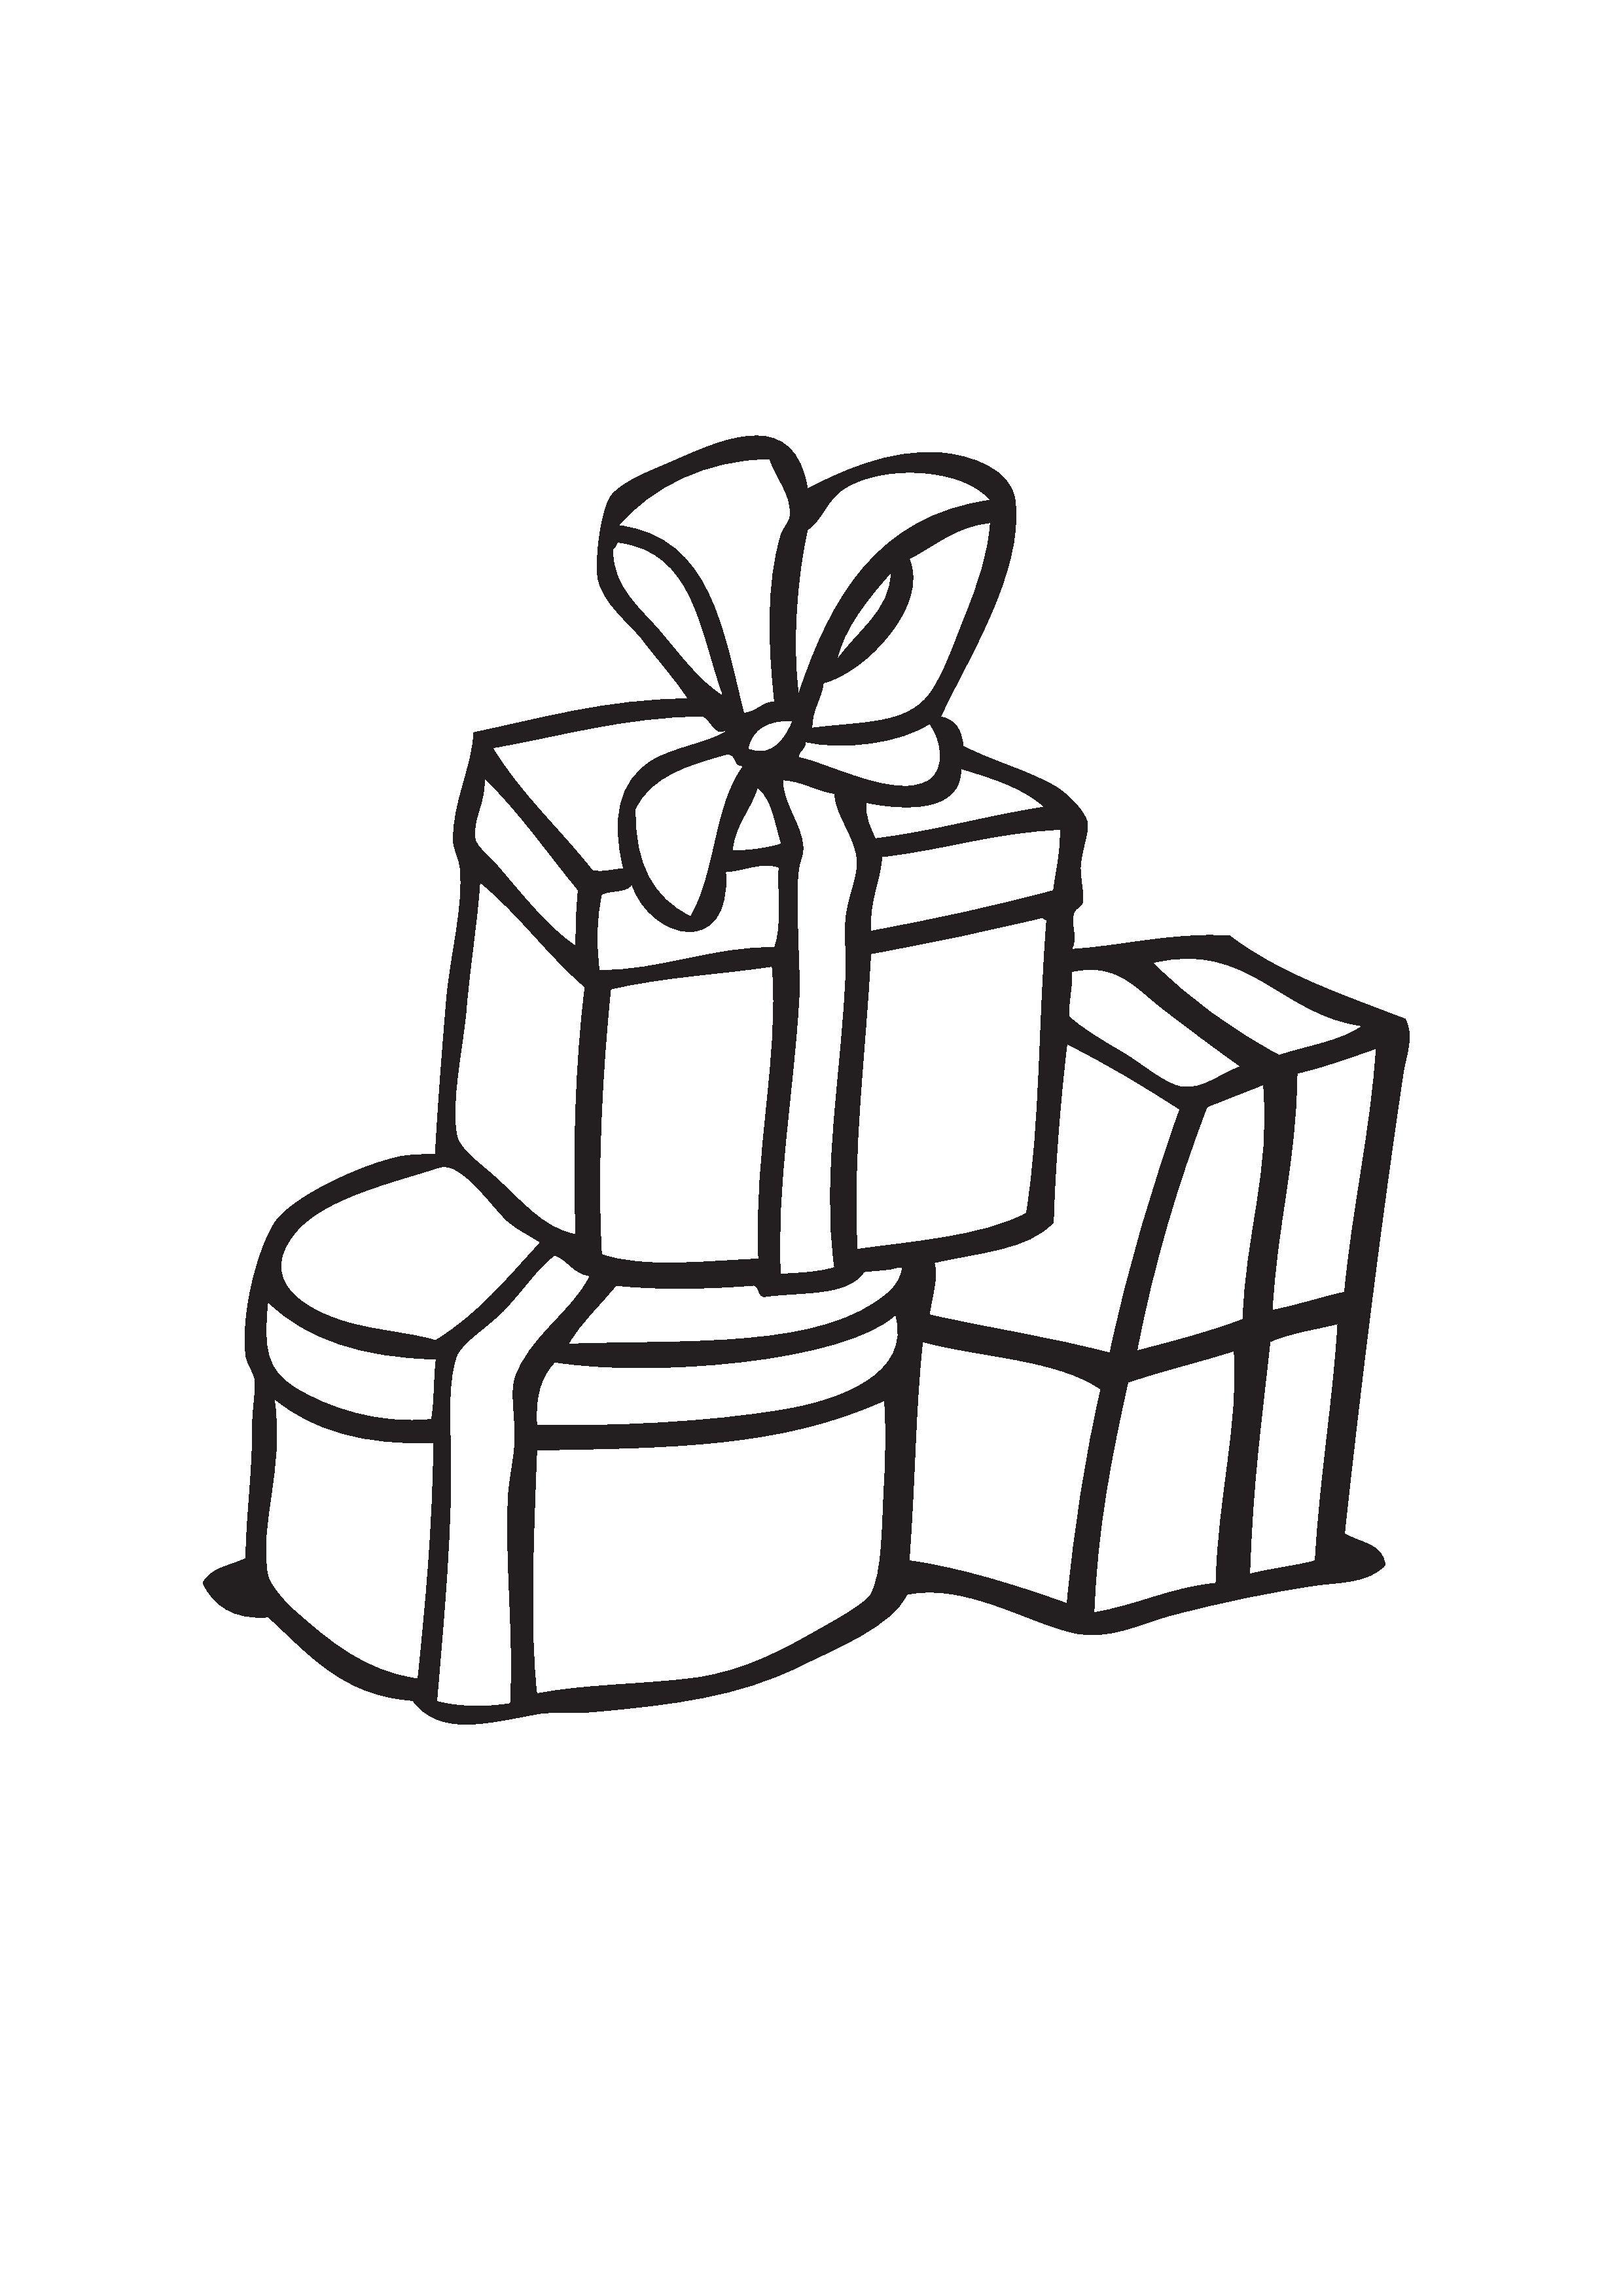 Kleurplaten Printen Sinterklaas.Kleurplaat Sinterklaas Cadeau S 2019 Voor Peuters En Kleuters